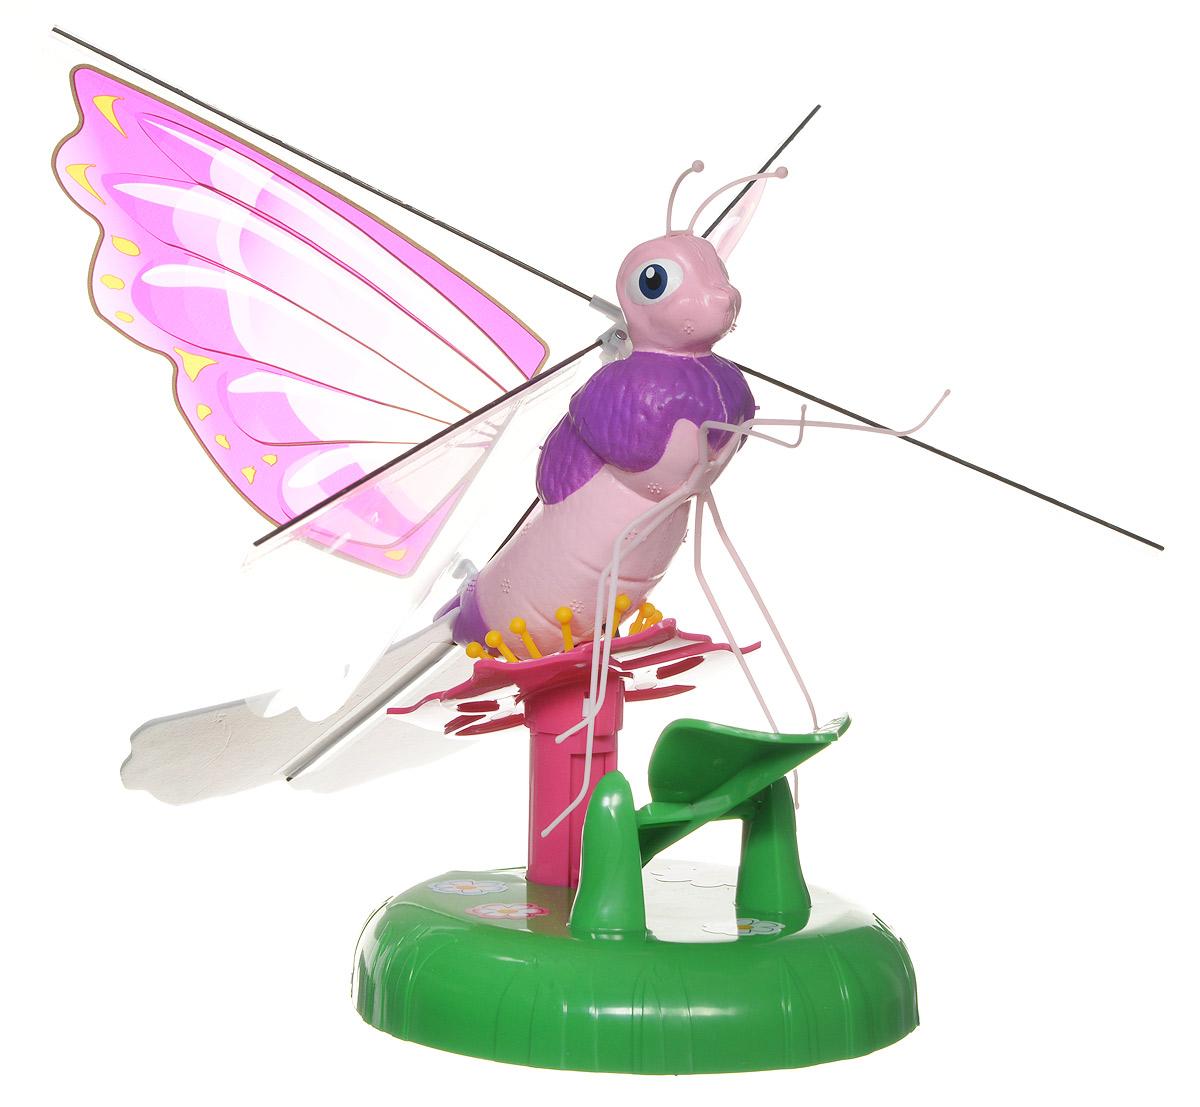 Splash Toys Интерактивная игрушка Летающая бабочка Kaly купить гоша интерактивная игрушка